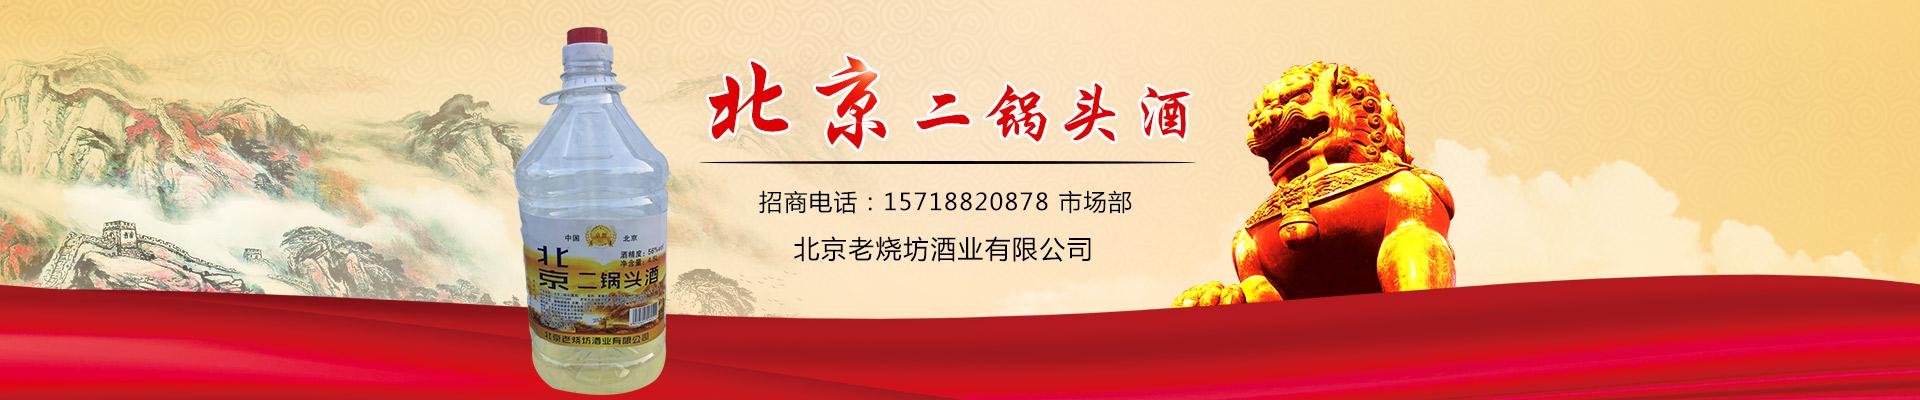 北京老烧坊酒业有限公司